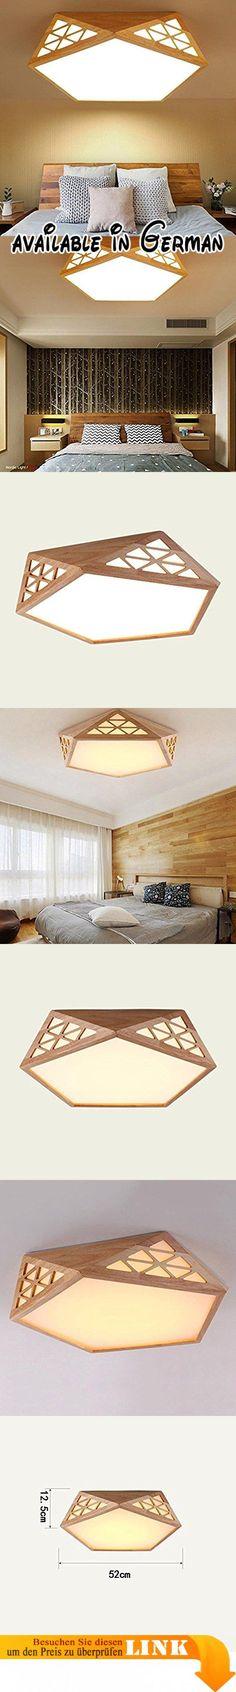 KANG@ Led-Decke Leuchte für Schlafzimmer Wohnzimmer Esszimmer Flur